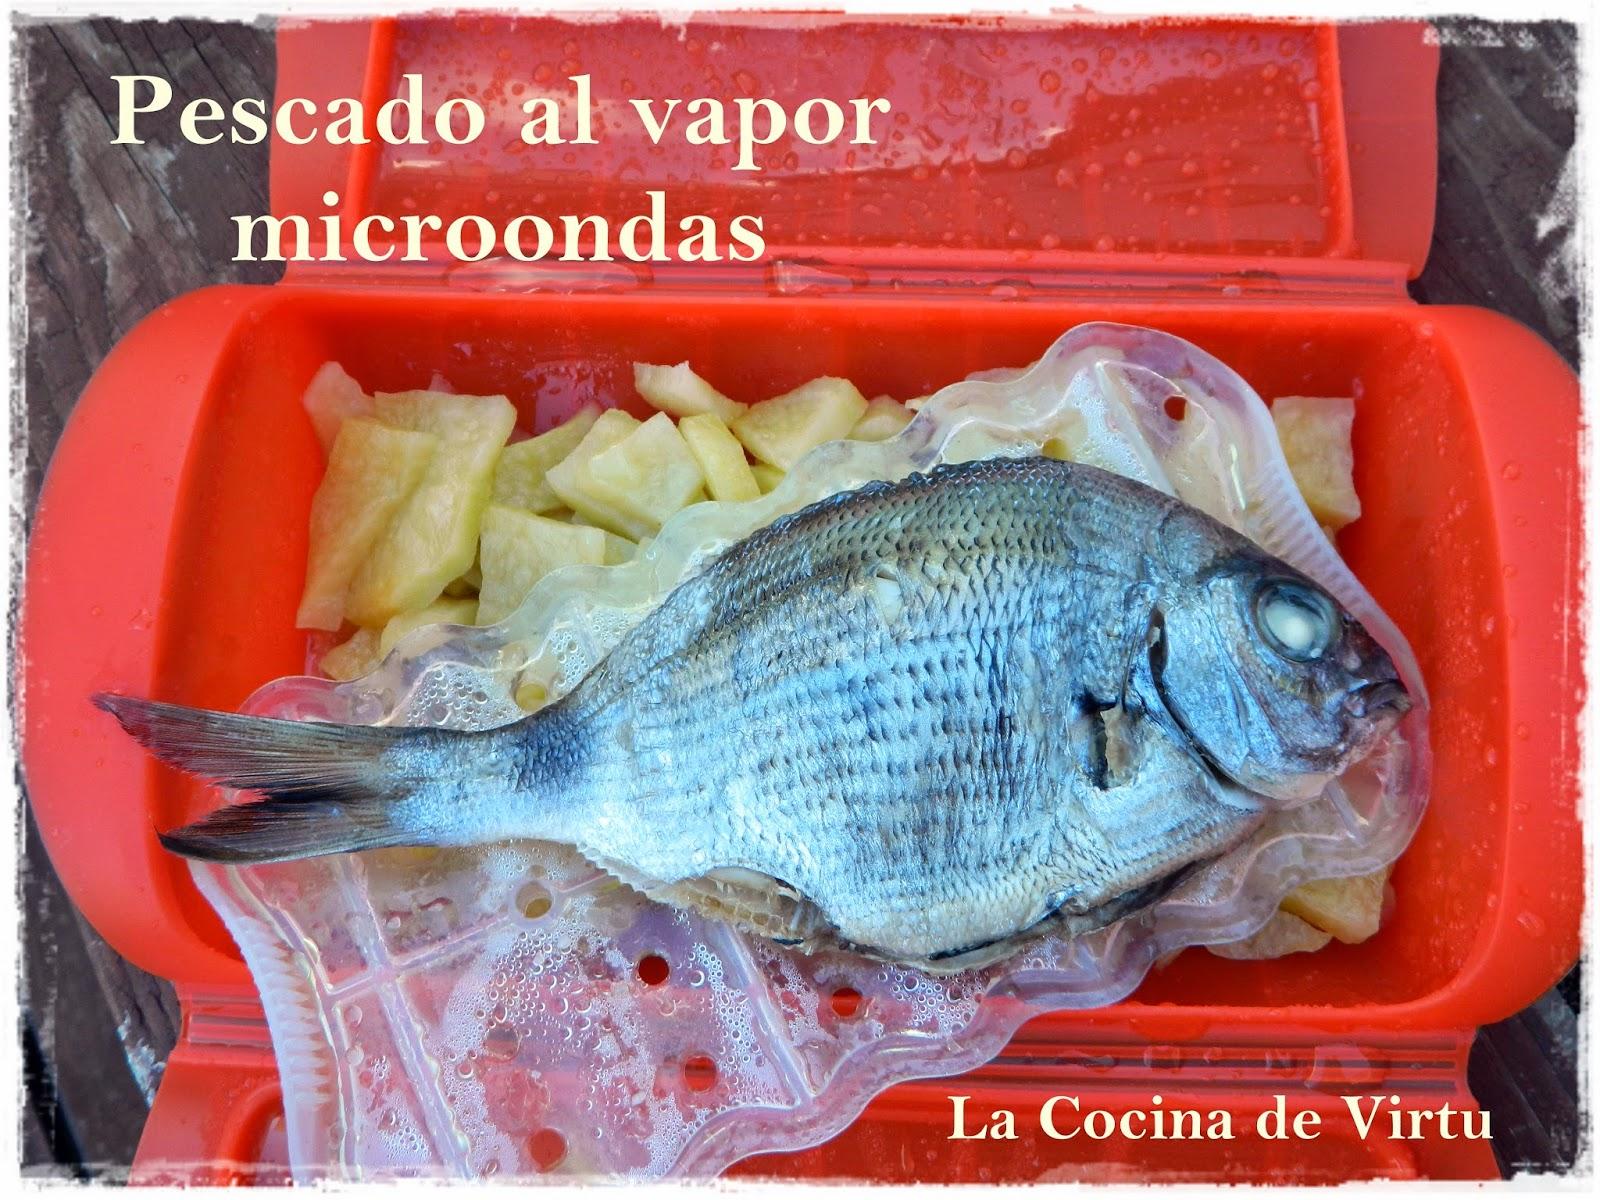 La cocina de virtu pescado al vapor en el microondas - Cocina al vapor microondas ...